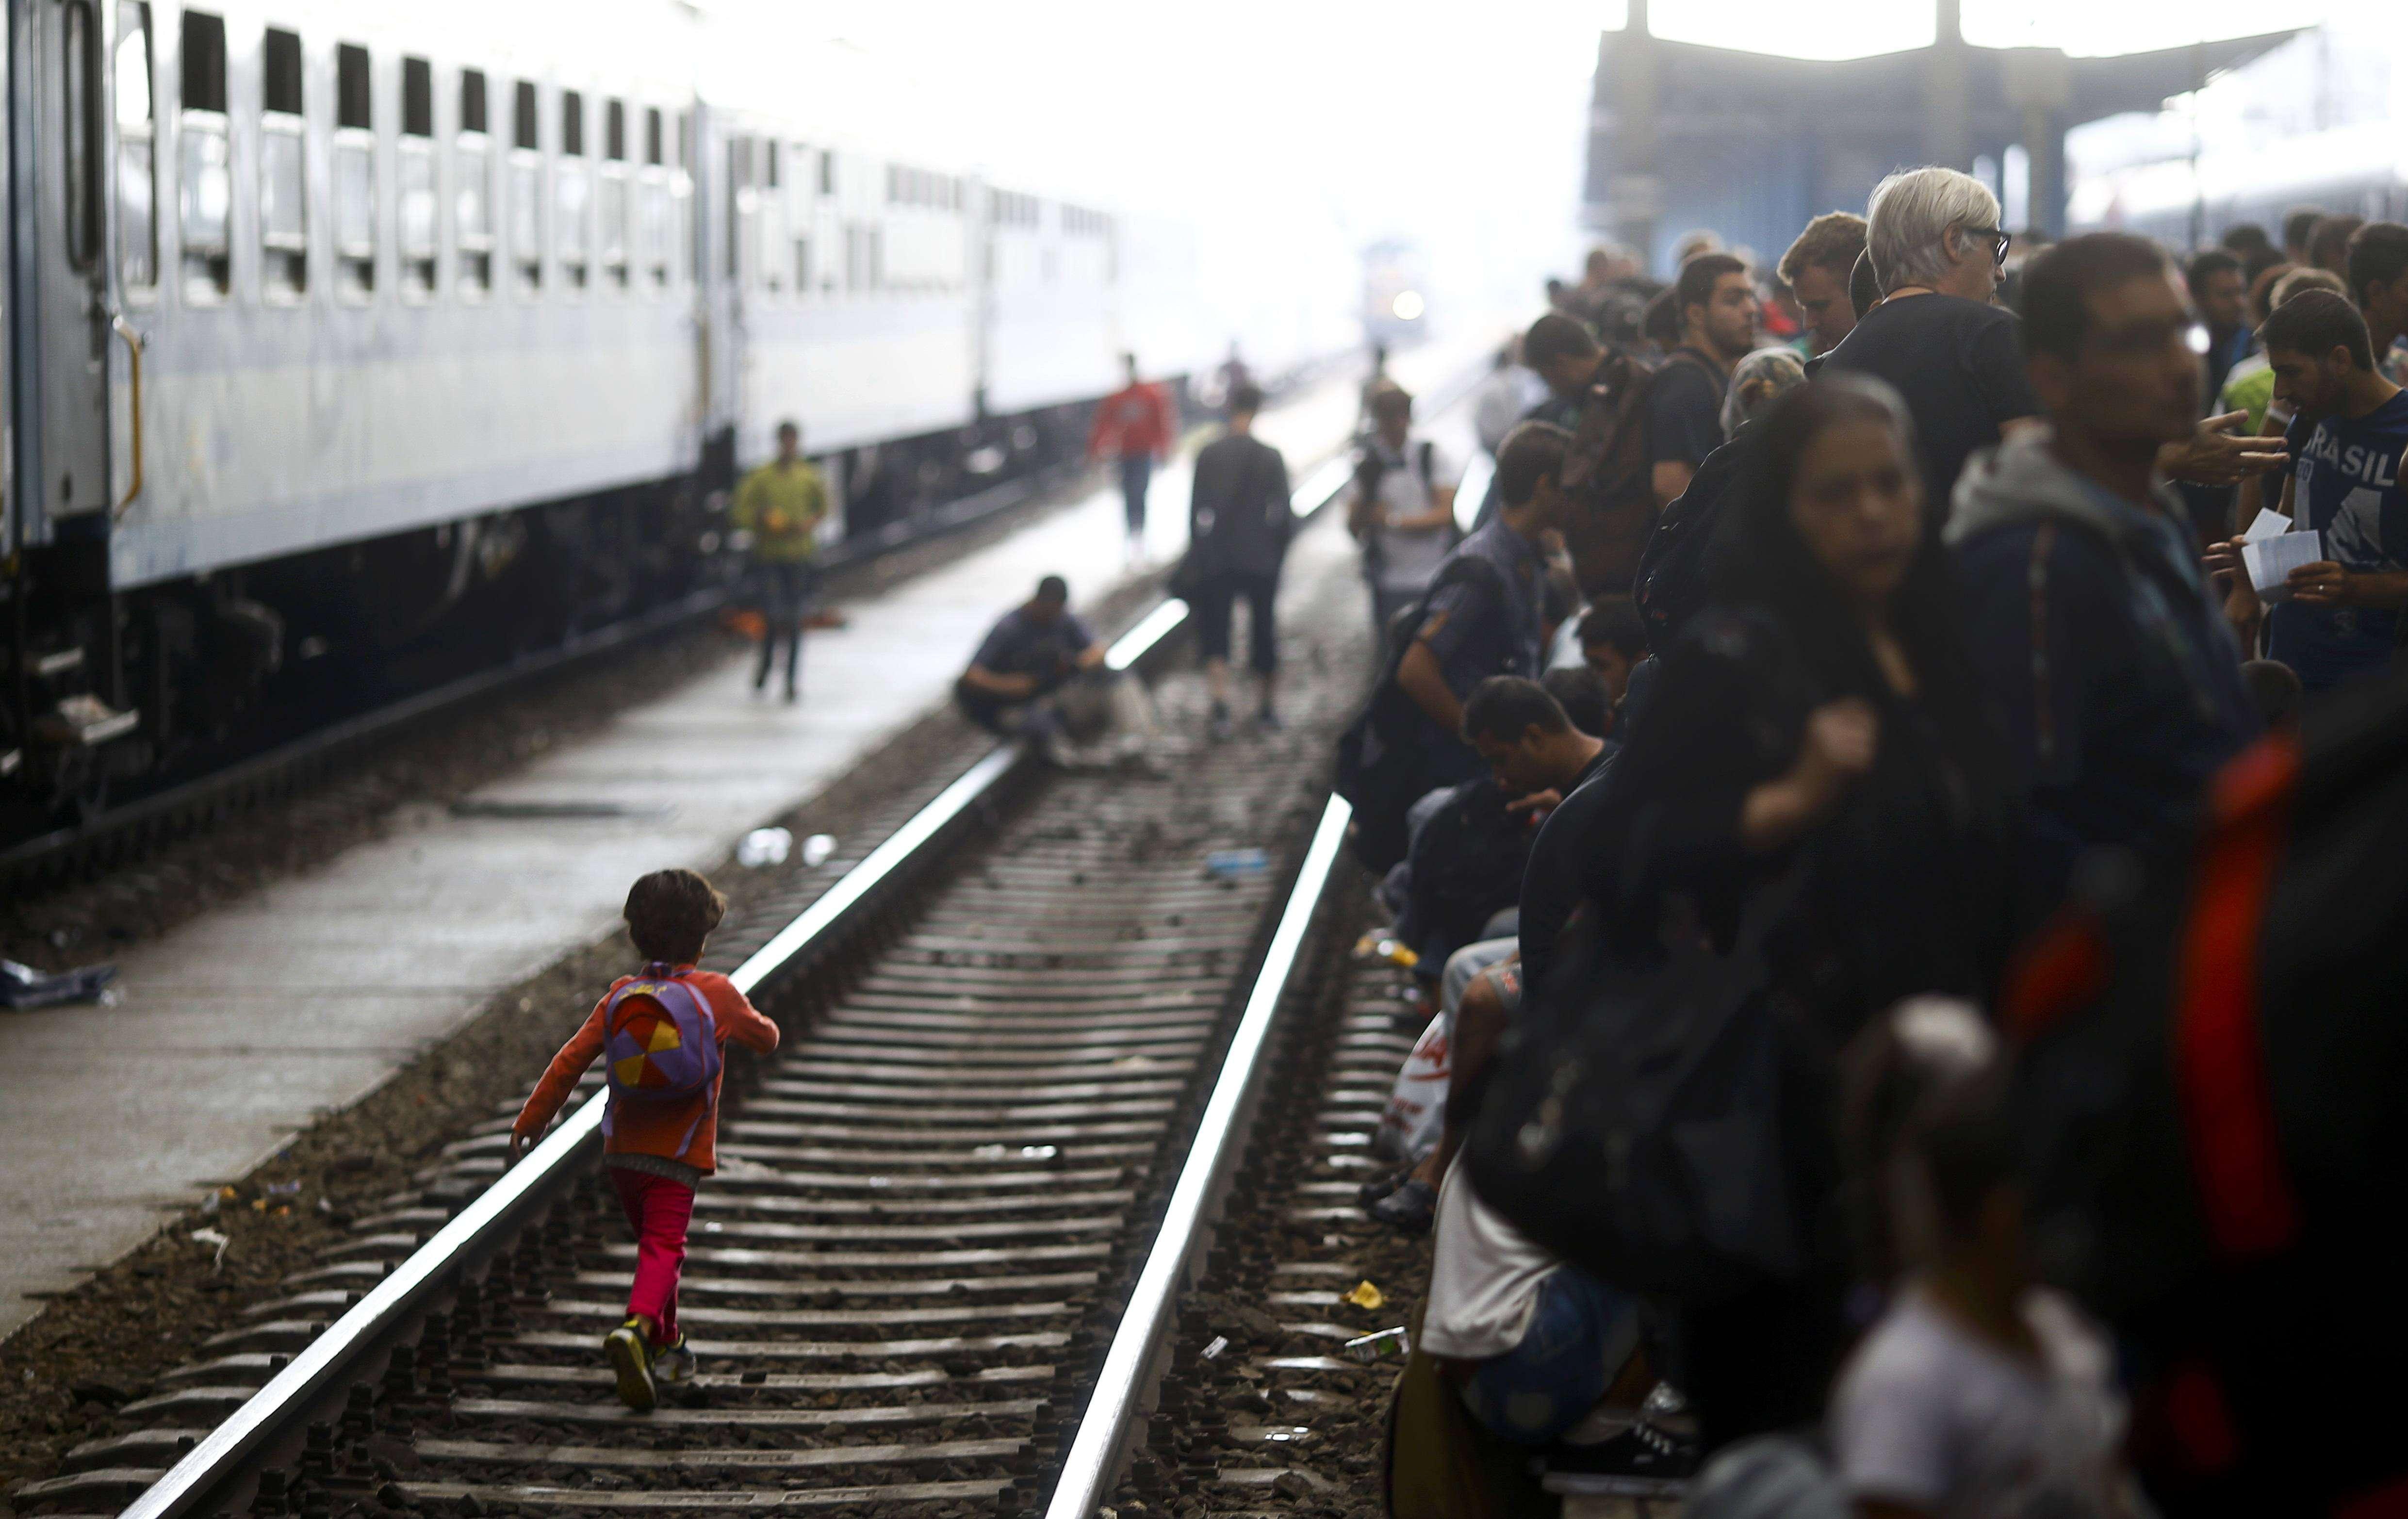 Un copil imigrant merge pe calea ferată (Foto: Reuters/Leonhard Foeger)